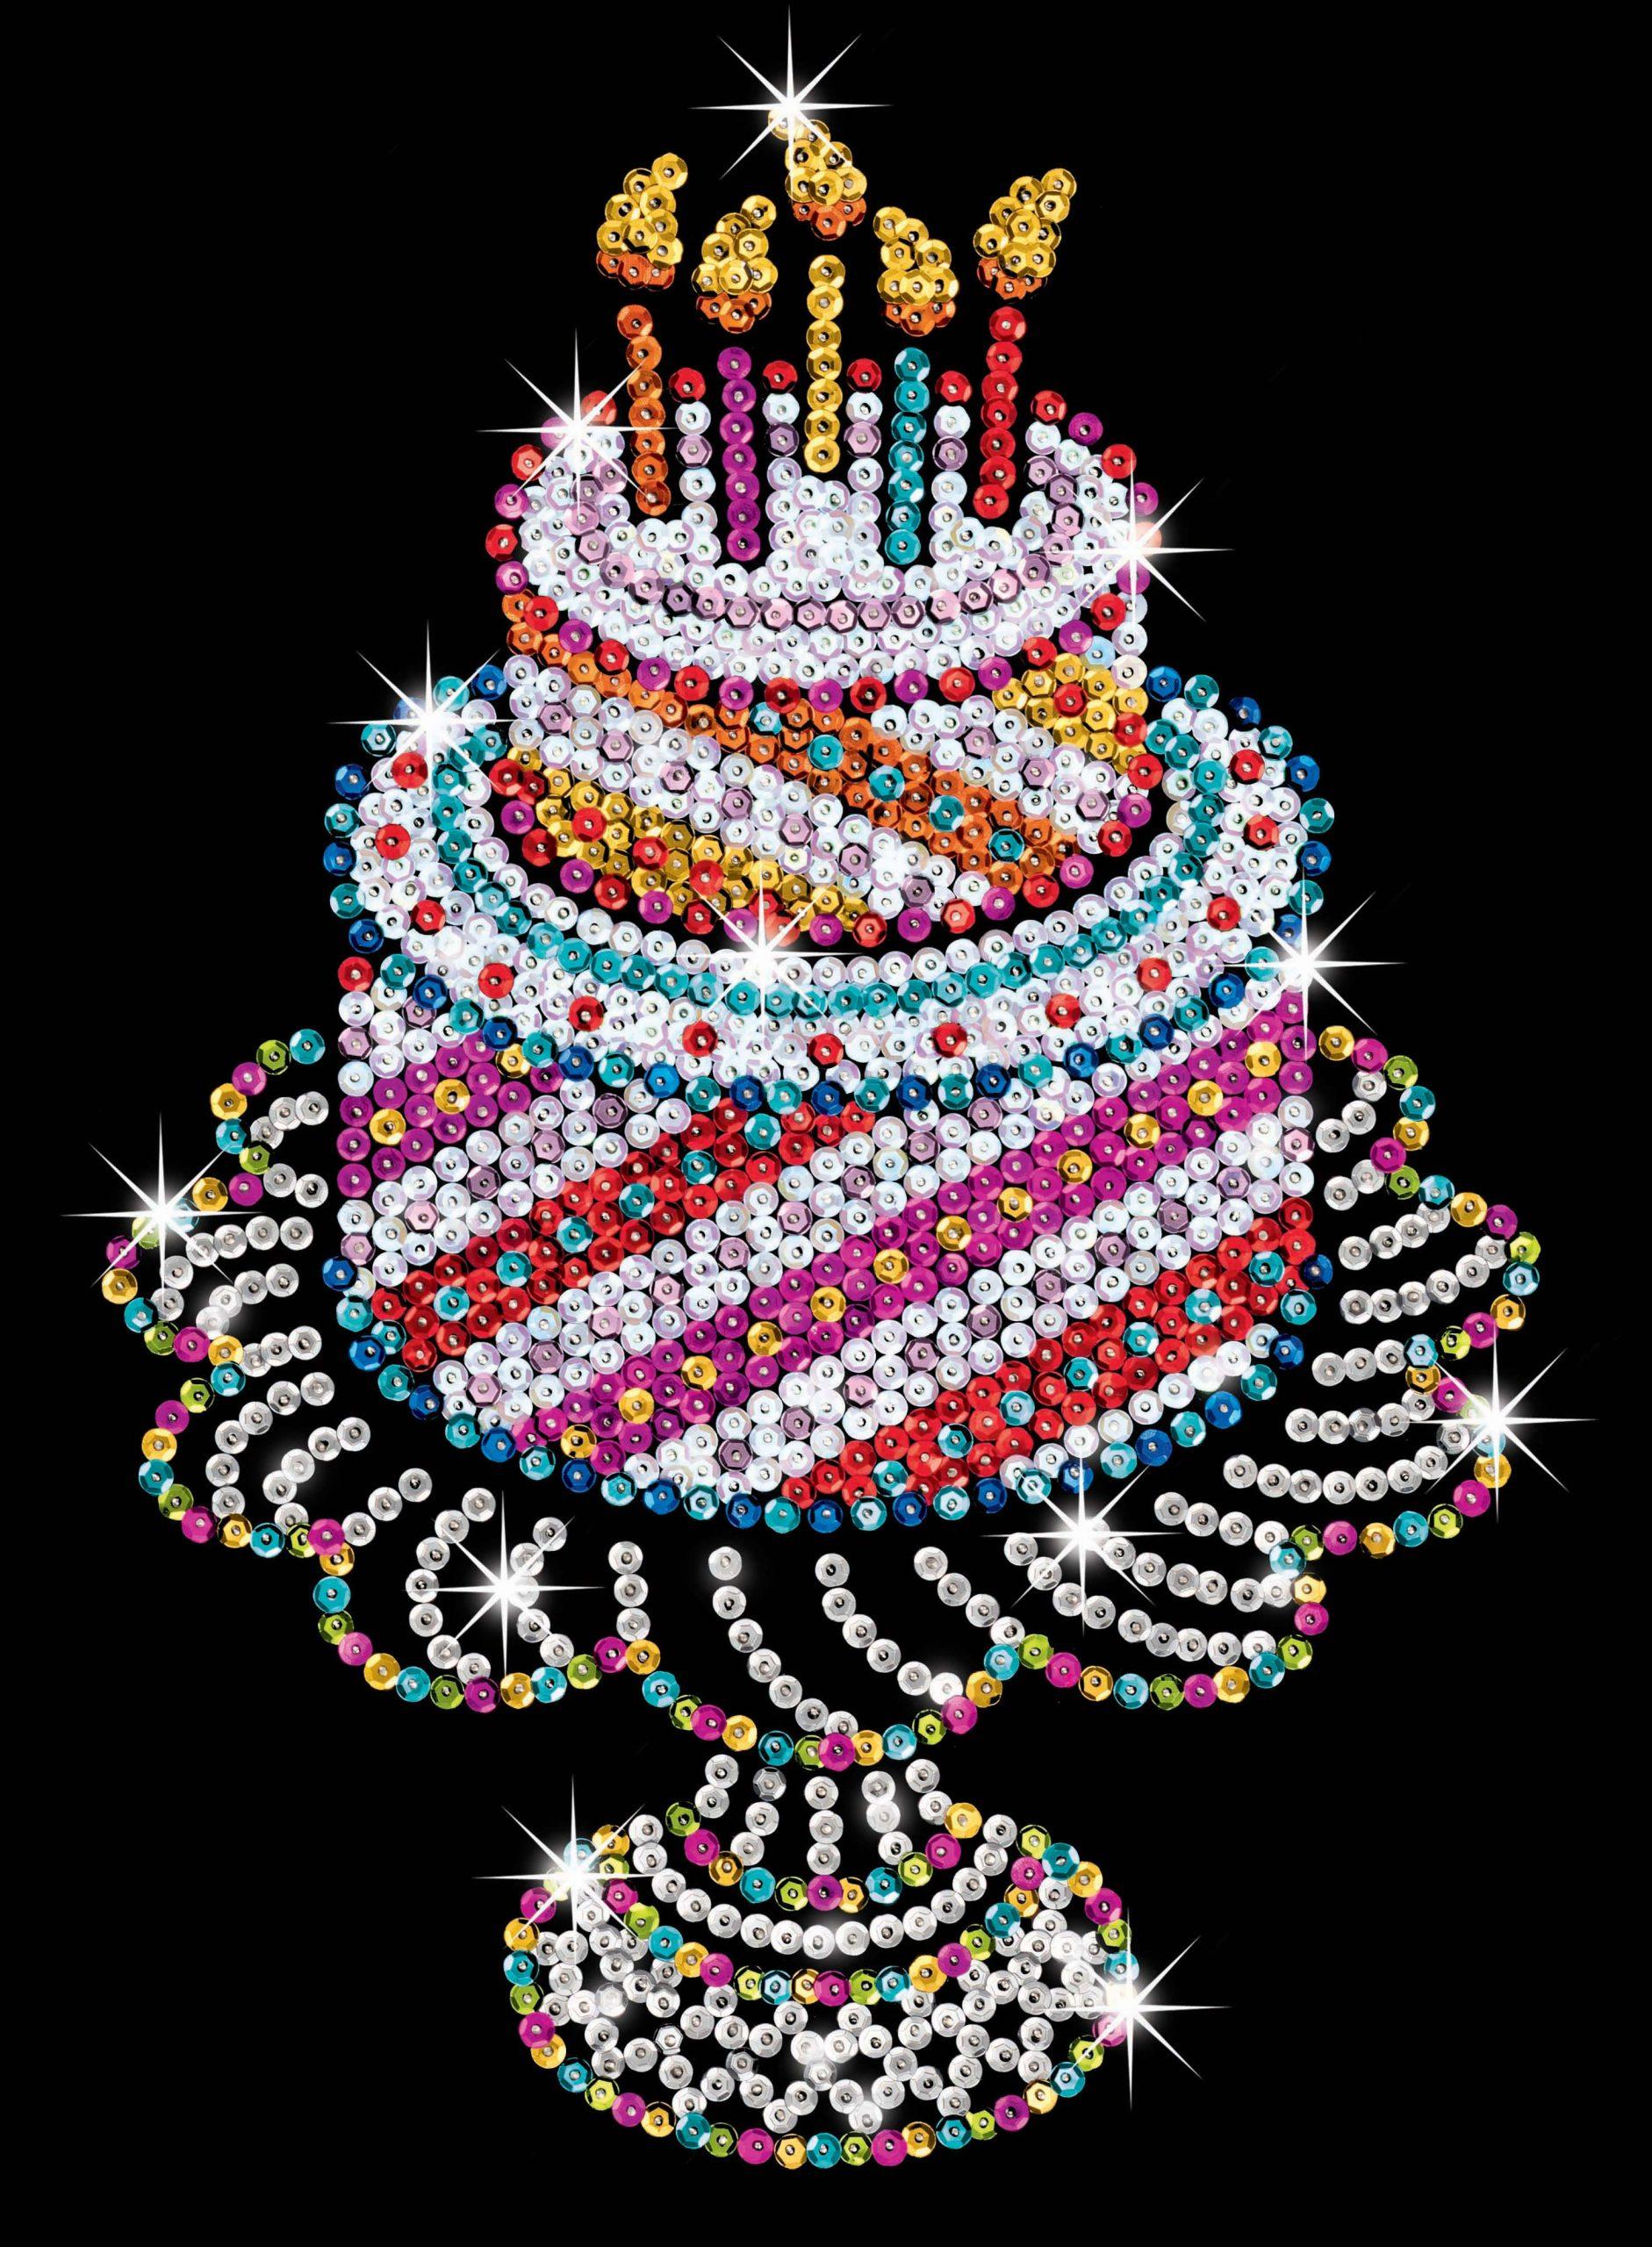 Sequin-Art Paillettenbild Geburtstagstorte über Bilder Geburtstagstorte